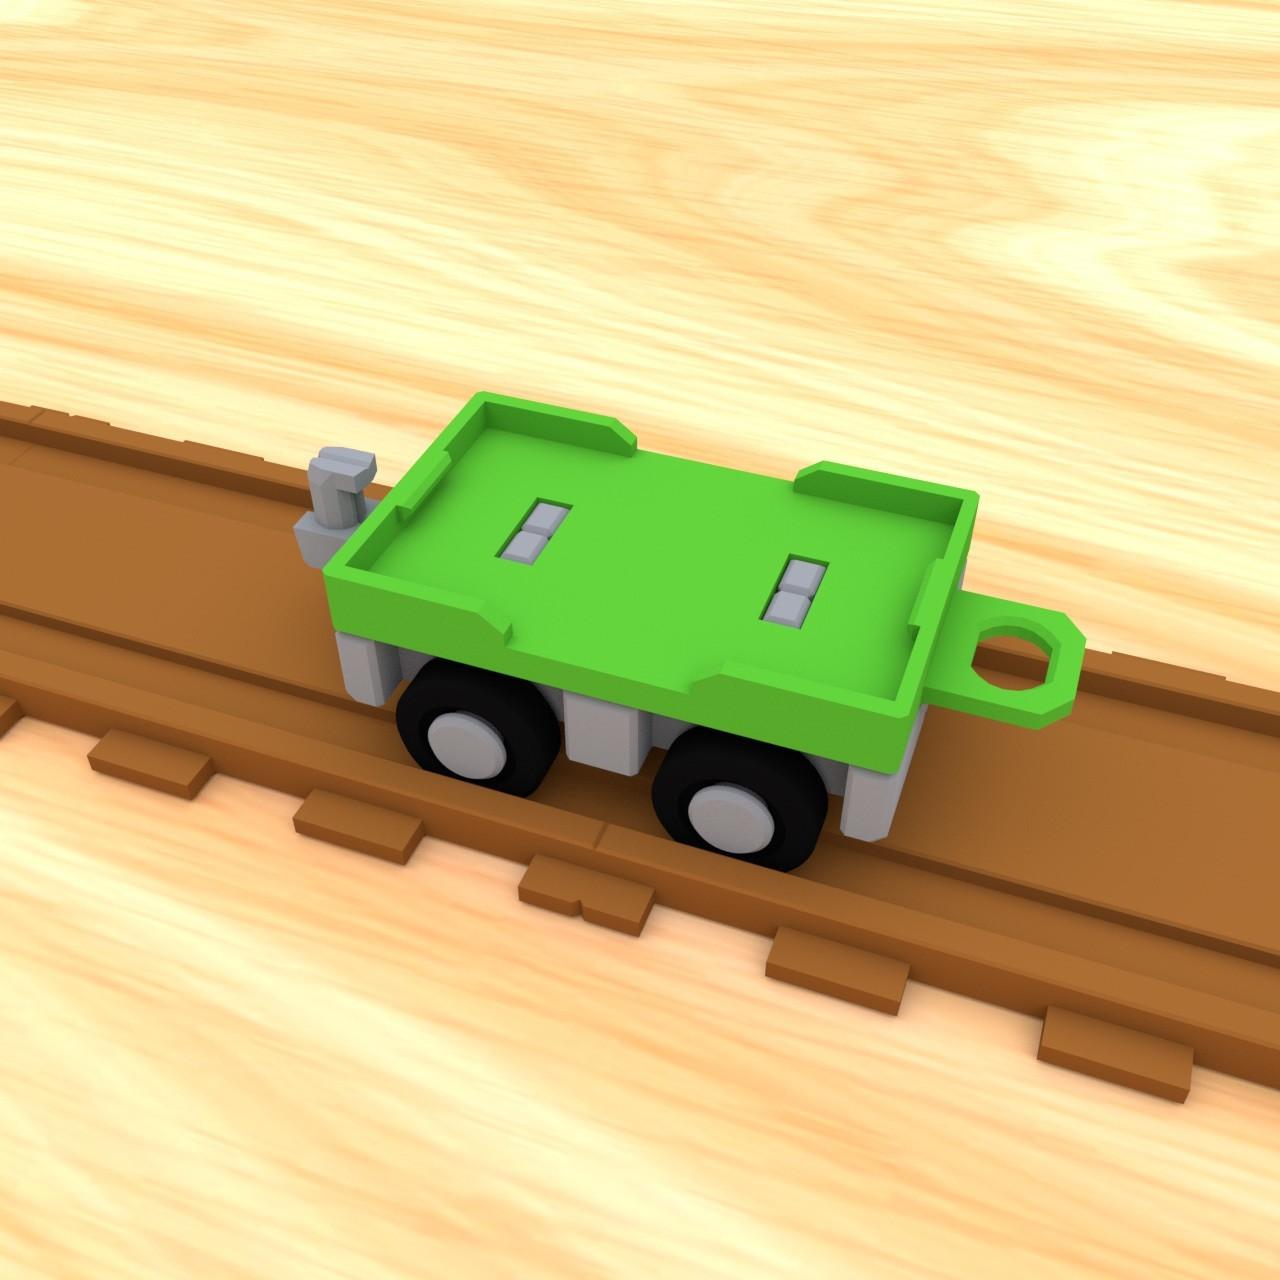 smalltoys-freight-train03.jpg Download STL file SmallToys - Starter Pack • 3D printer model, Wabby